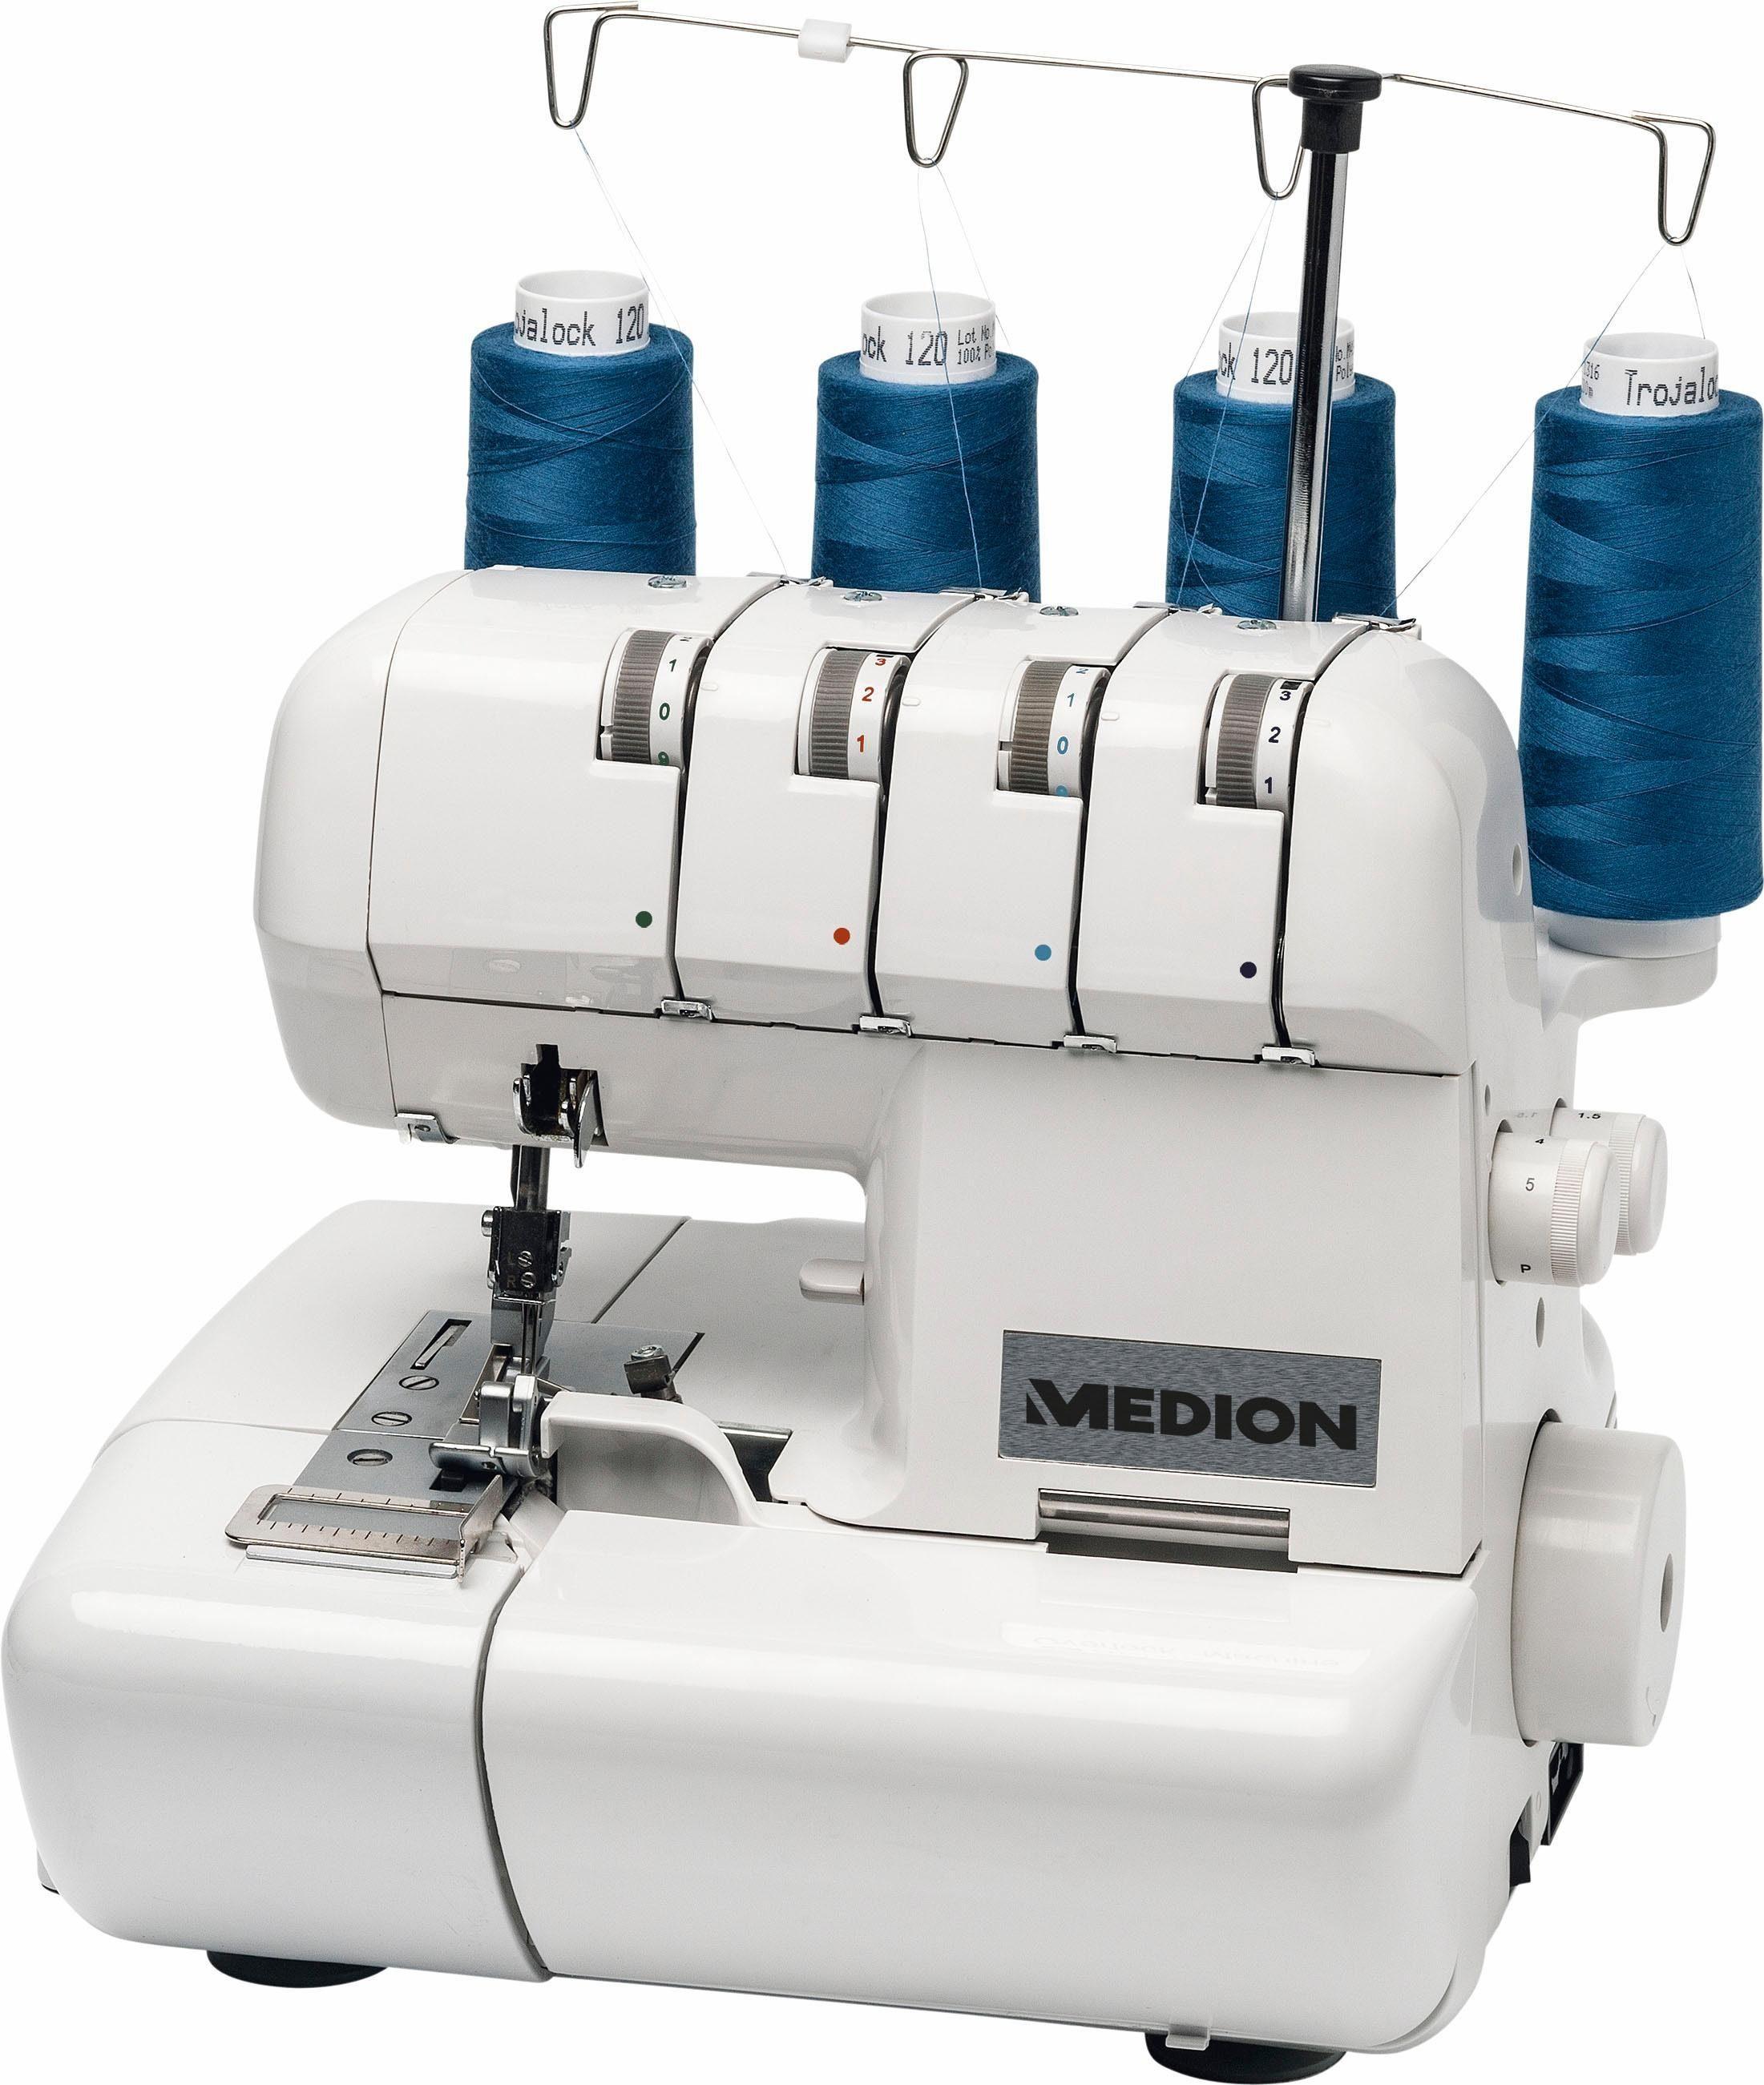 Medion® Overlock-Nähmaschine 3200